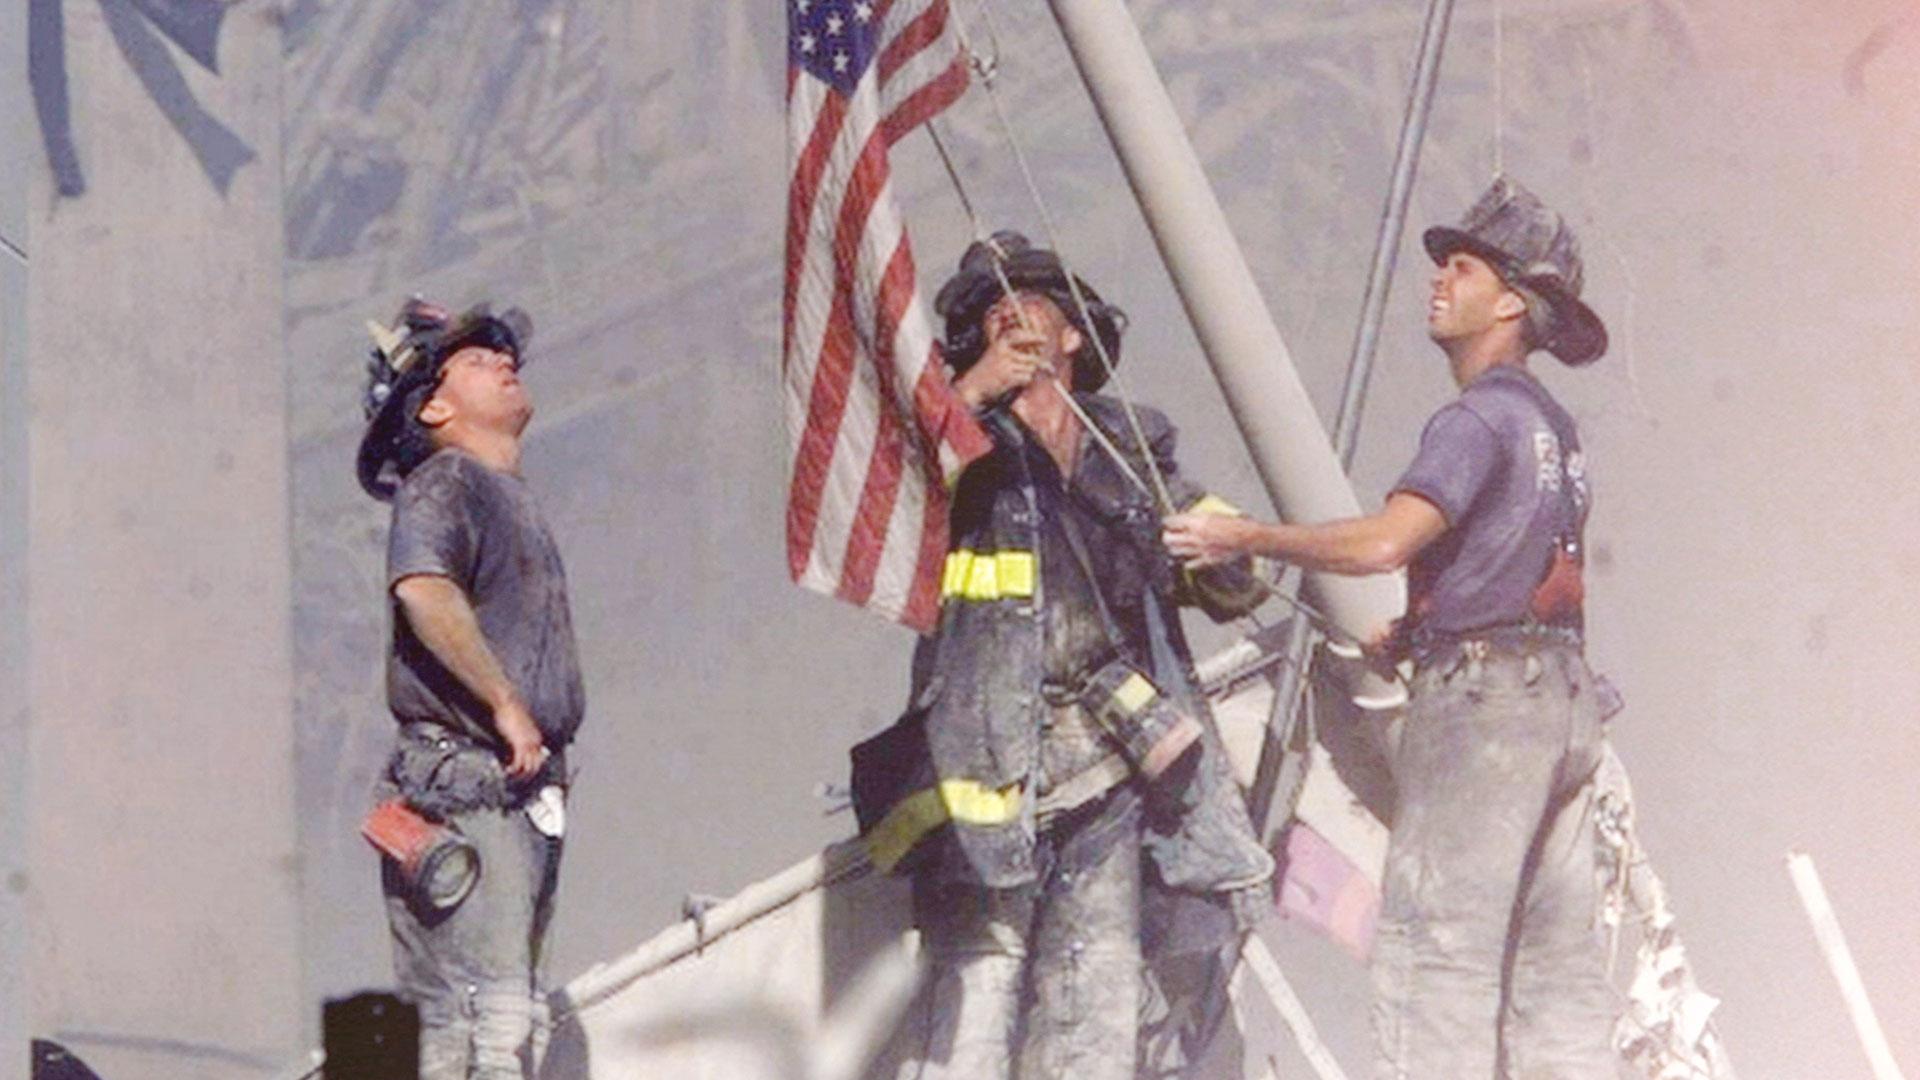 The Ground Zero Flag